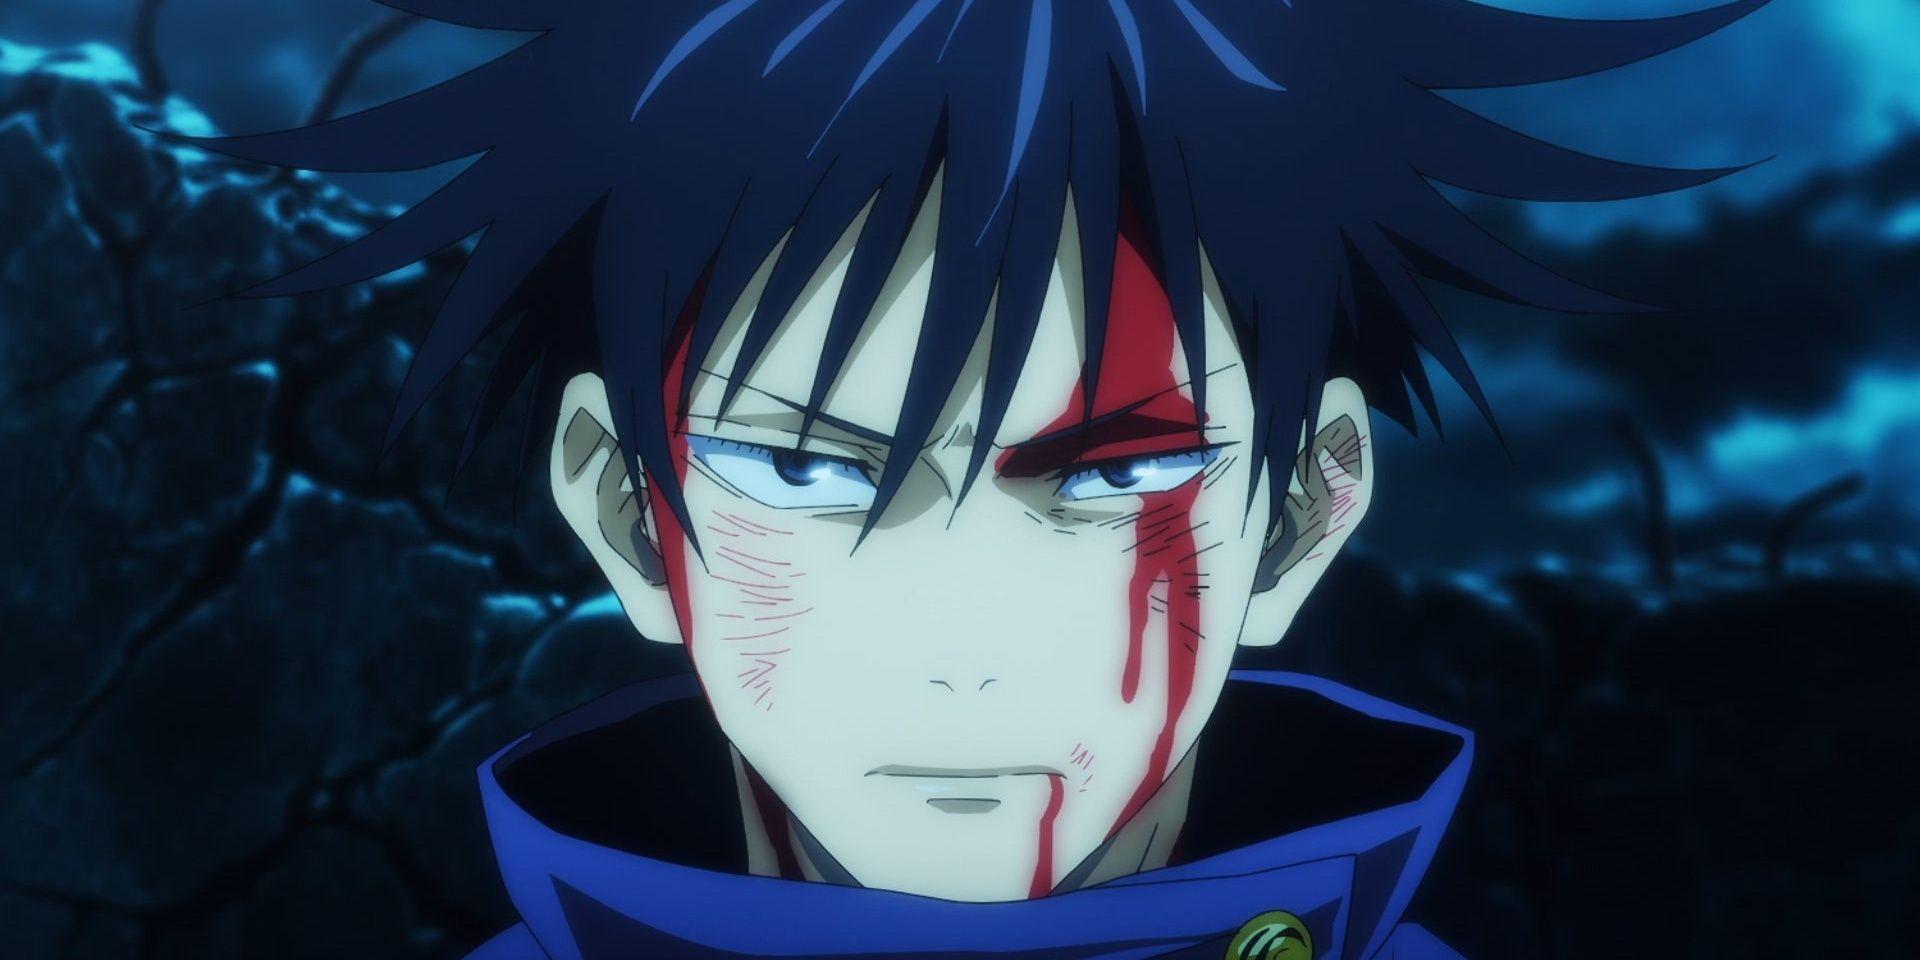 Jujutsu Kaisen: Idade de cada personagem principal 7